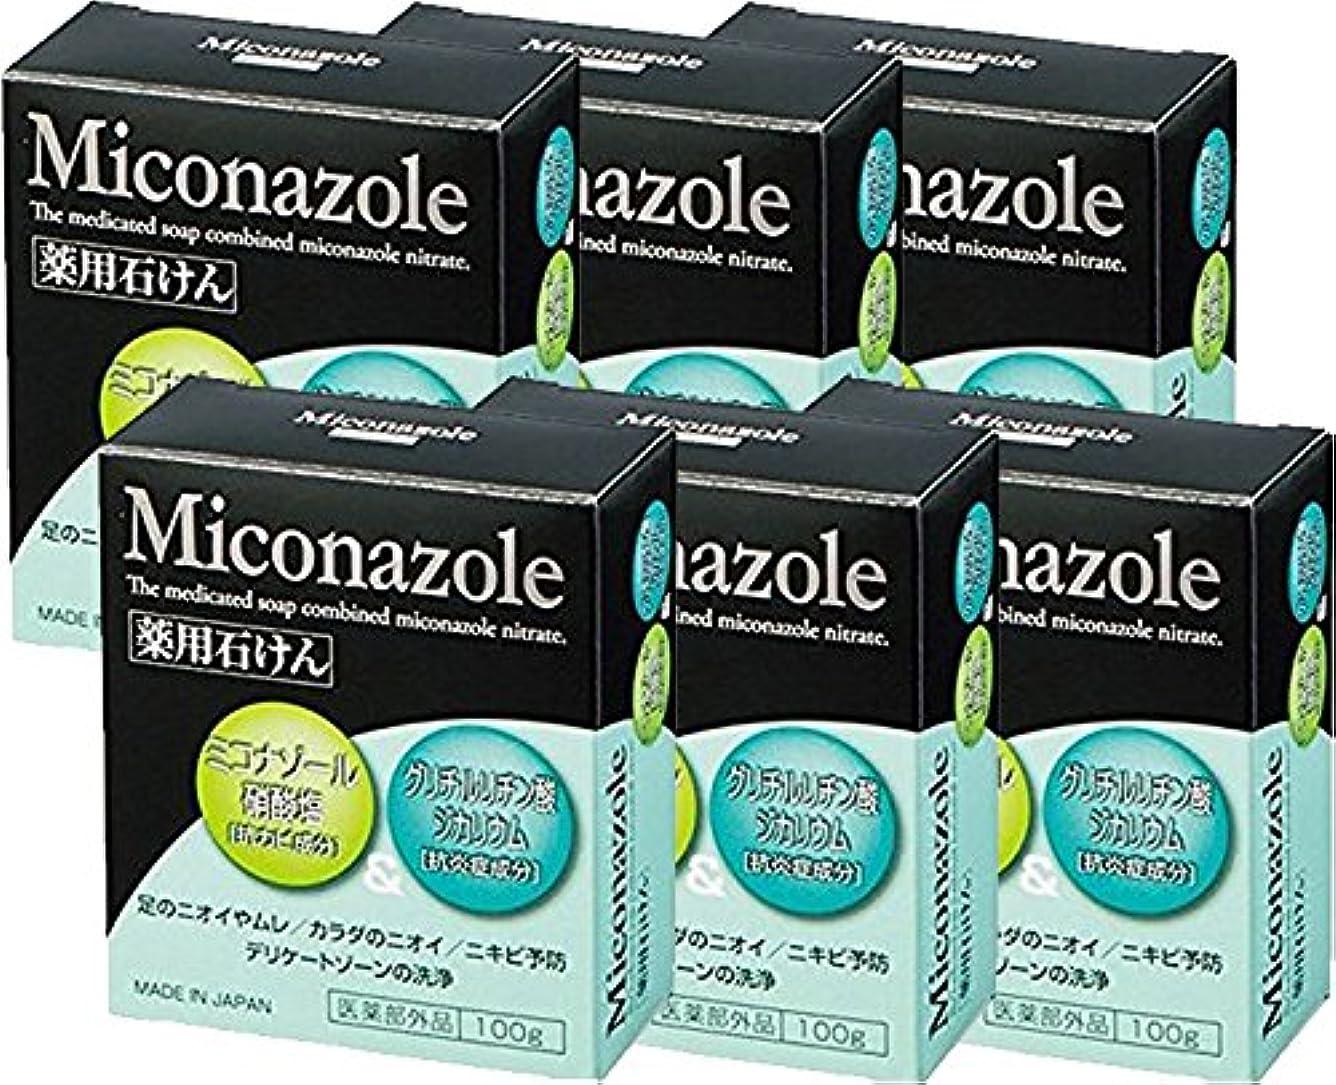 ミコナゾール 薬用せっけん 100g 《医薬部外品》 (6個)